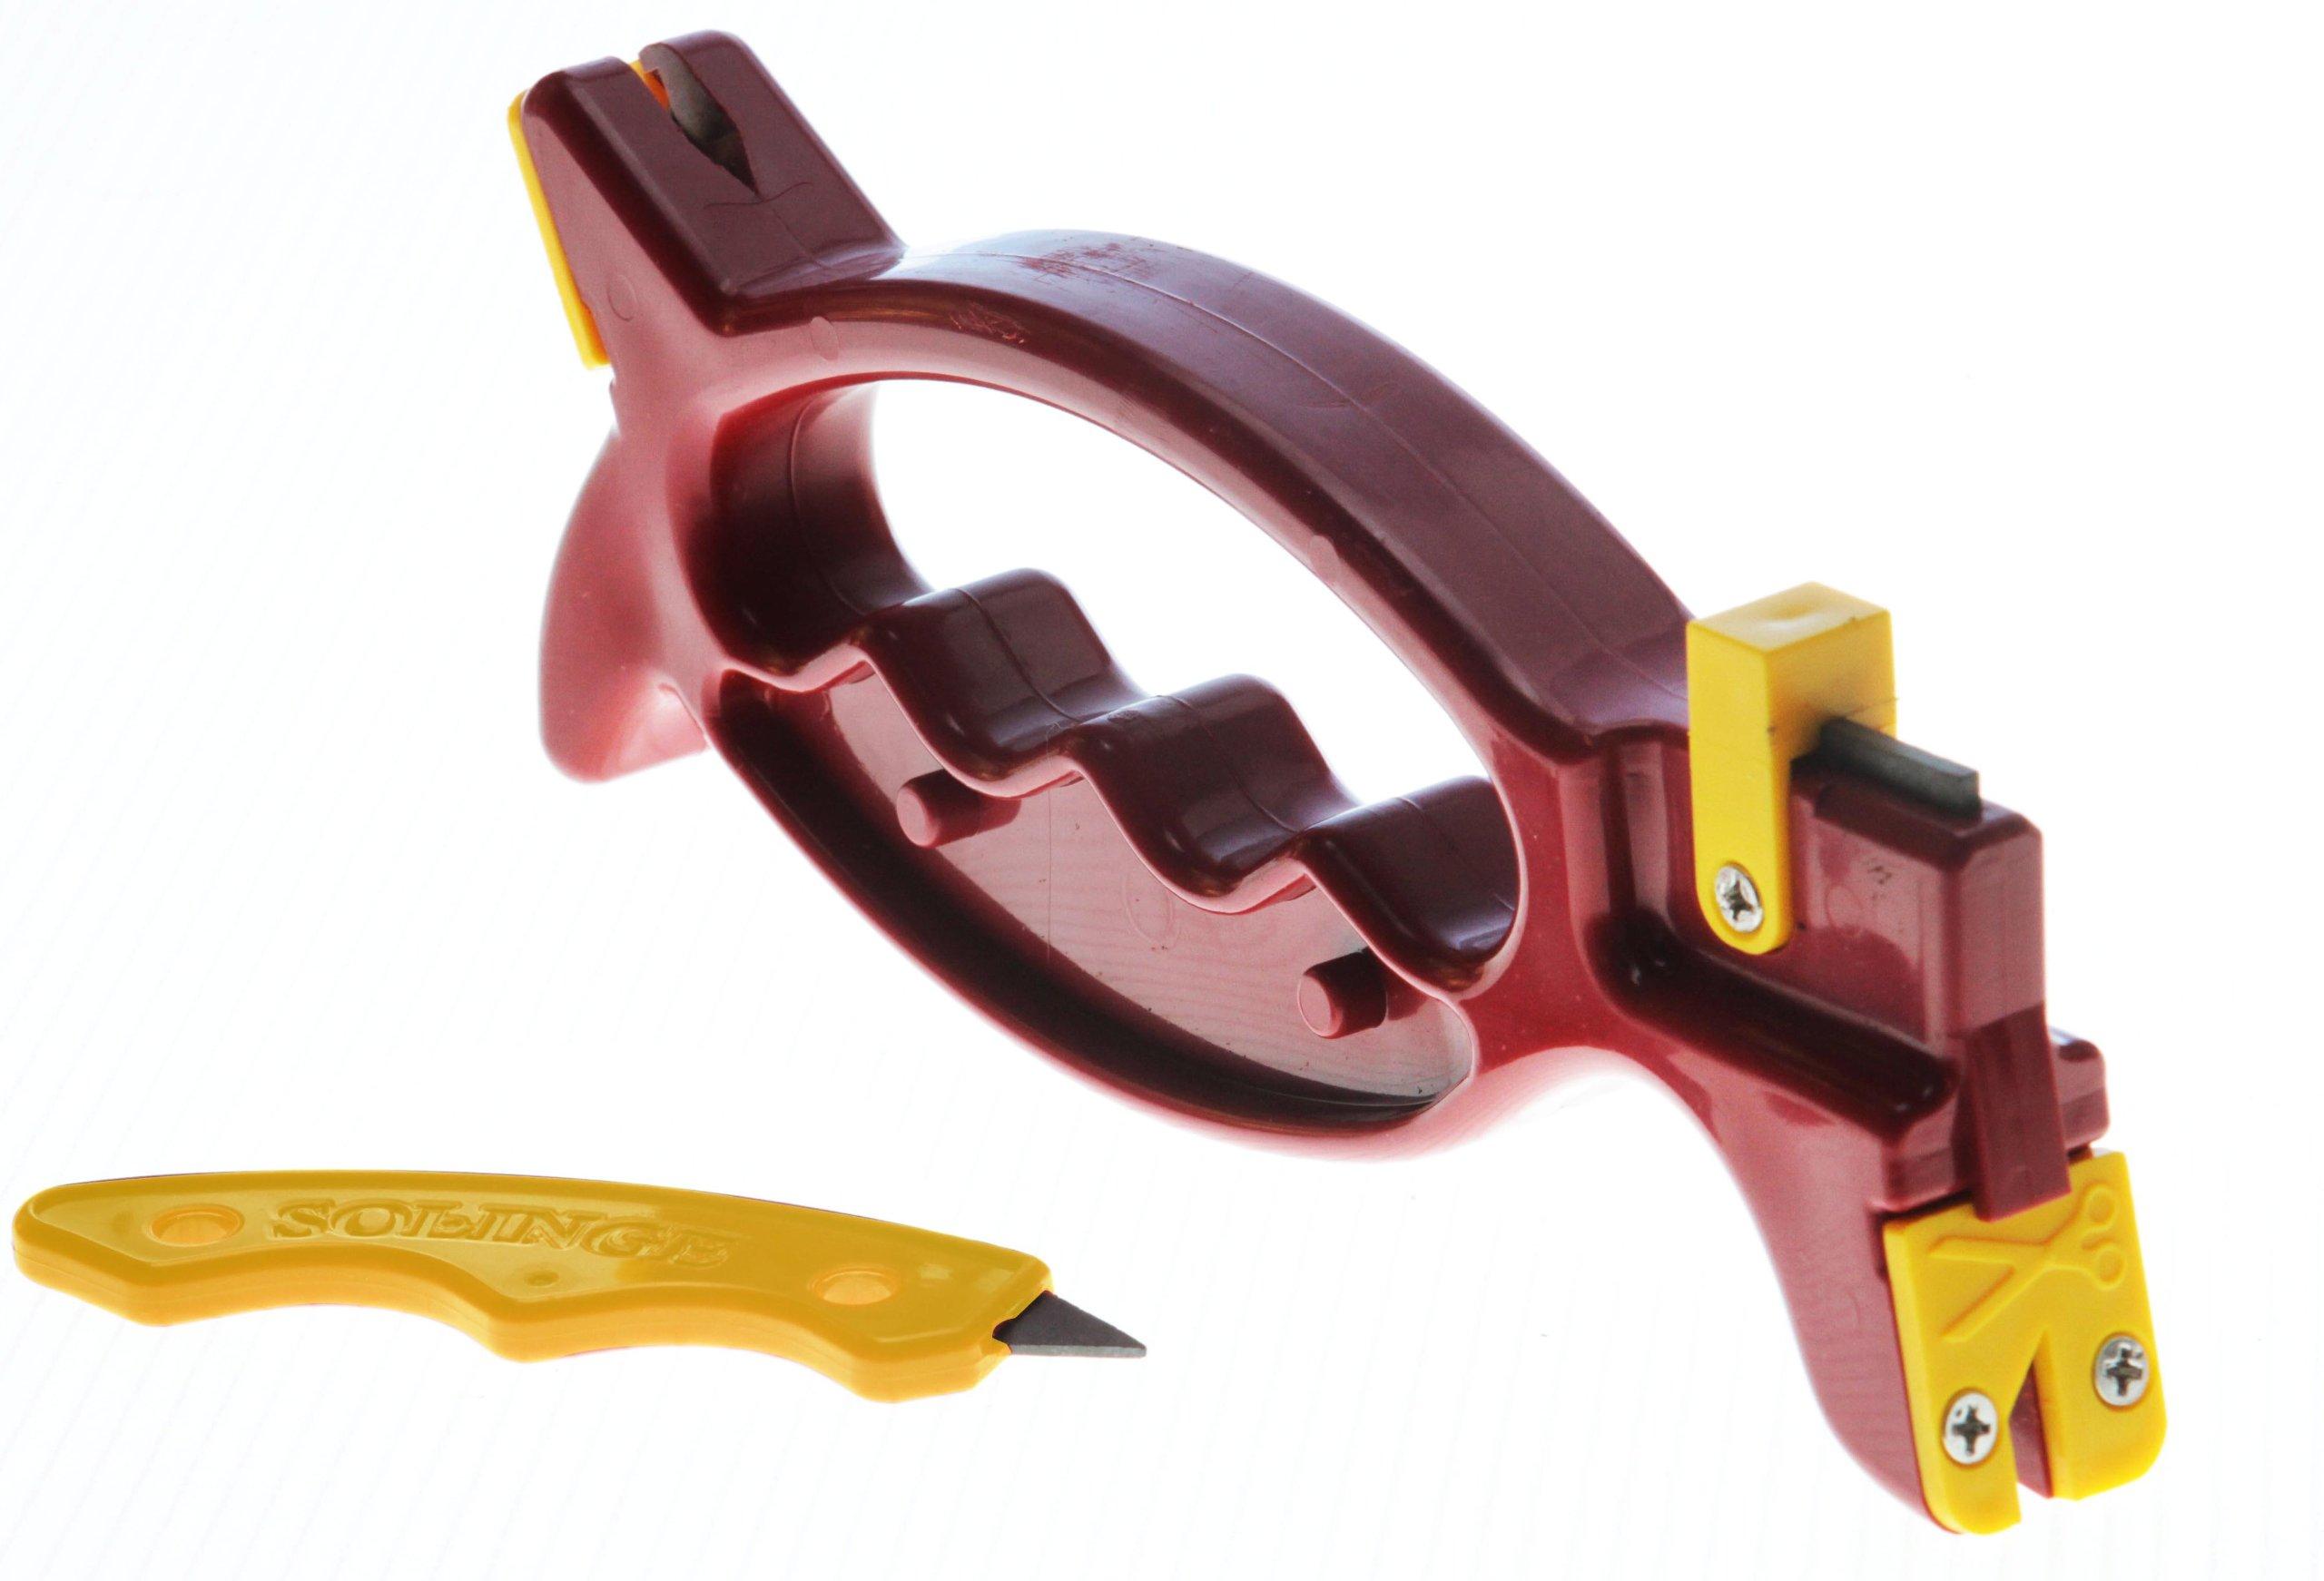 上西産業(ジョウニシサンギョウ) マルチ刃物研ぎ ソリングの商品画像